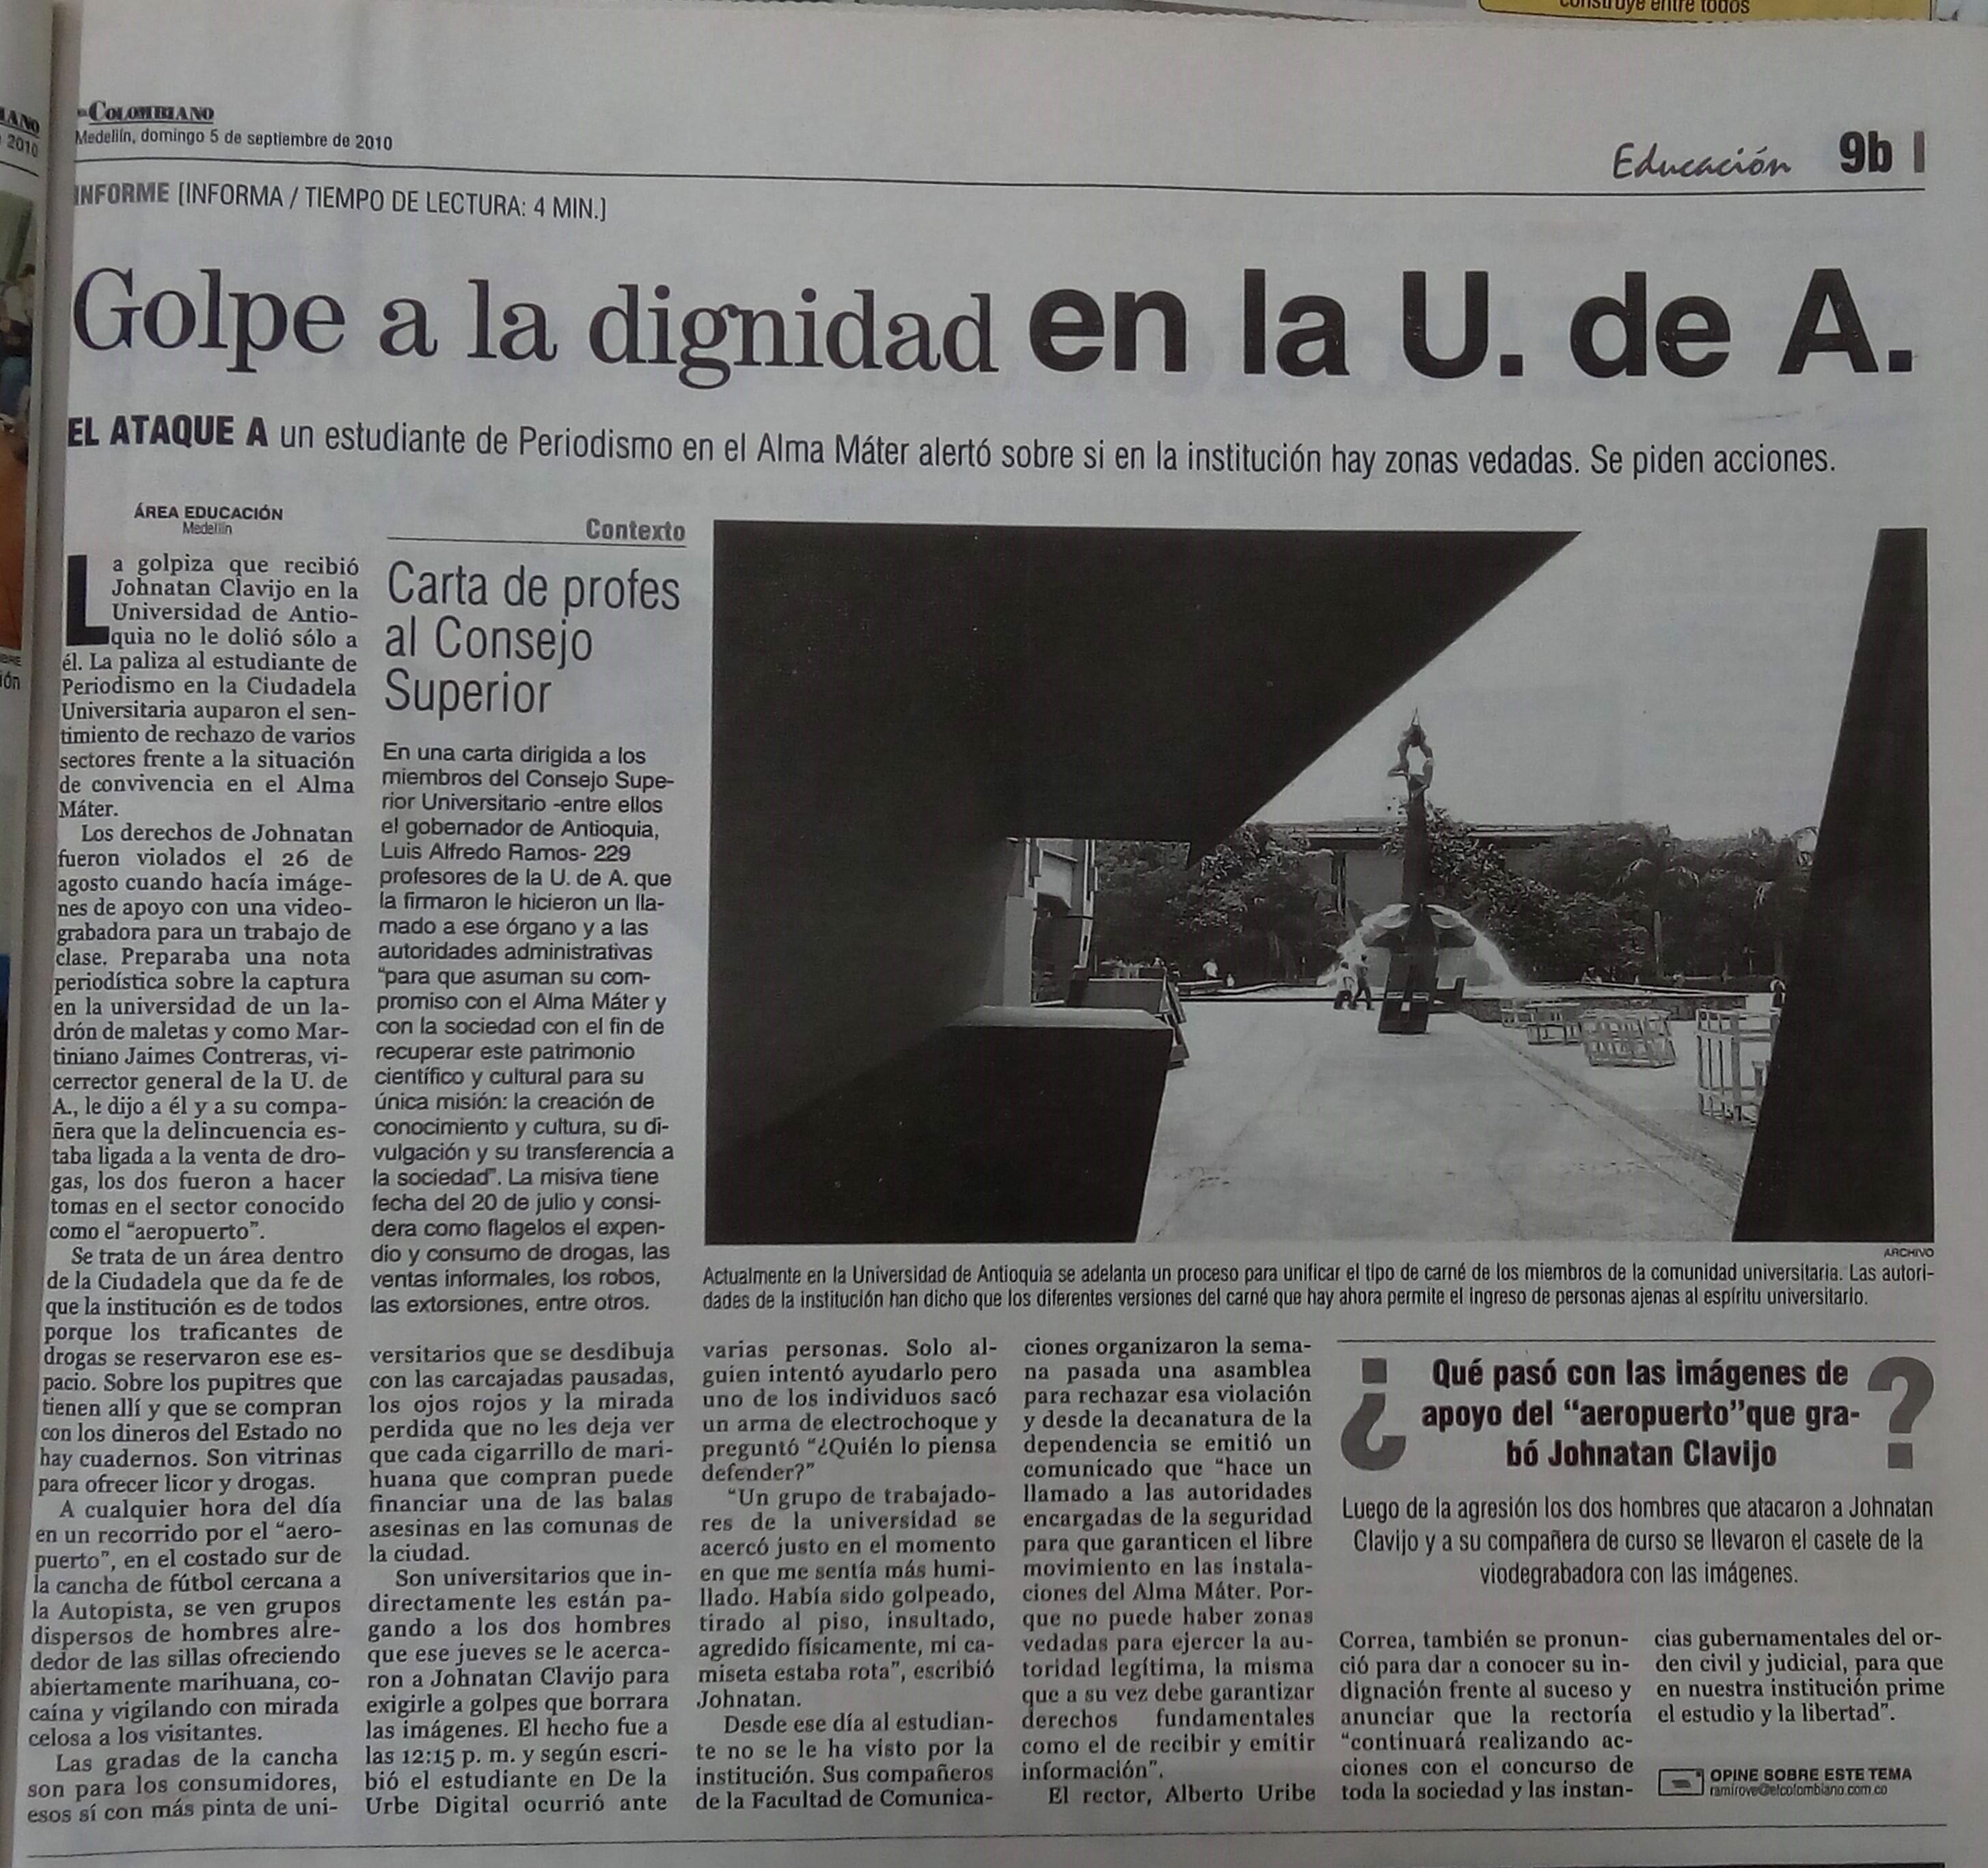 Fotografía tomada de la edición del 8 de mayo de 2010 del periódico El Colombiano